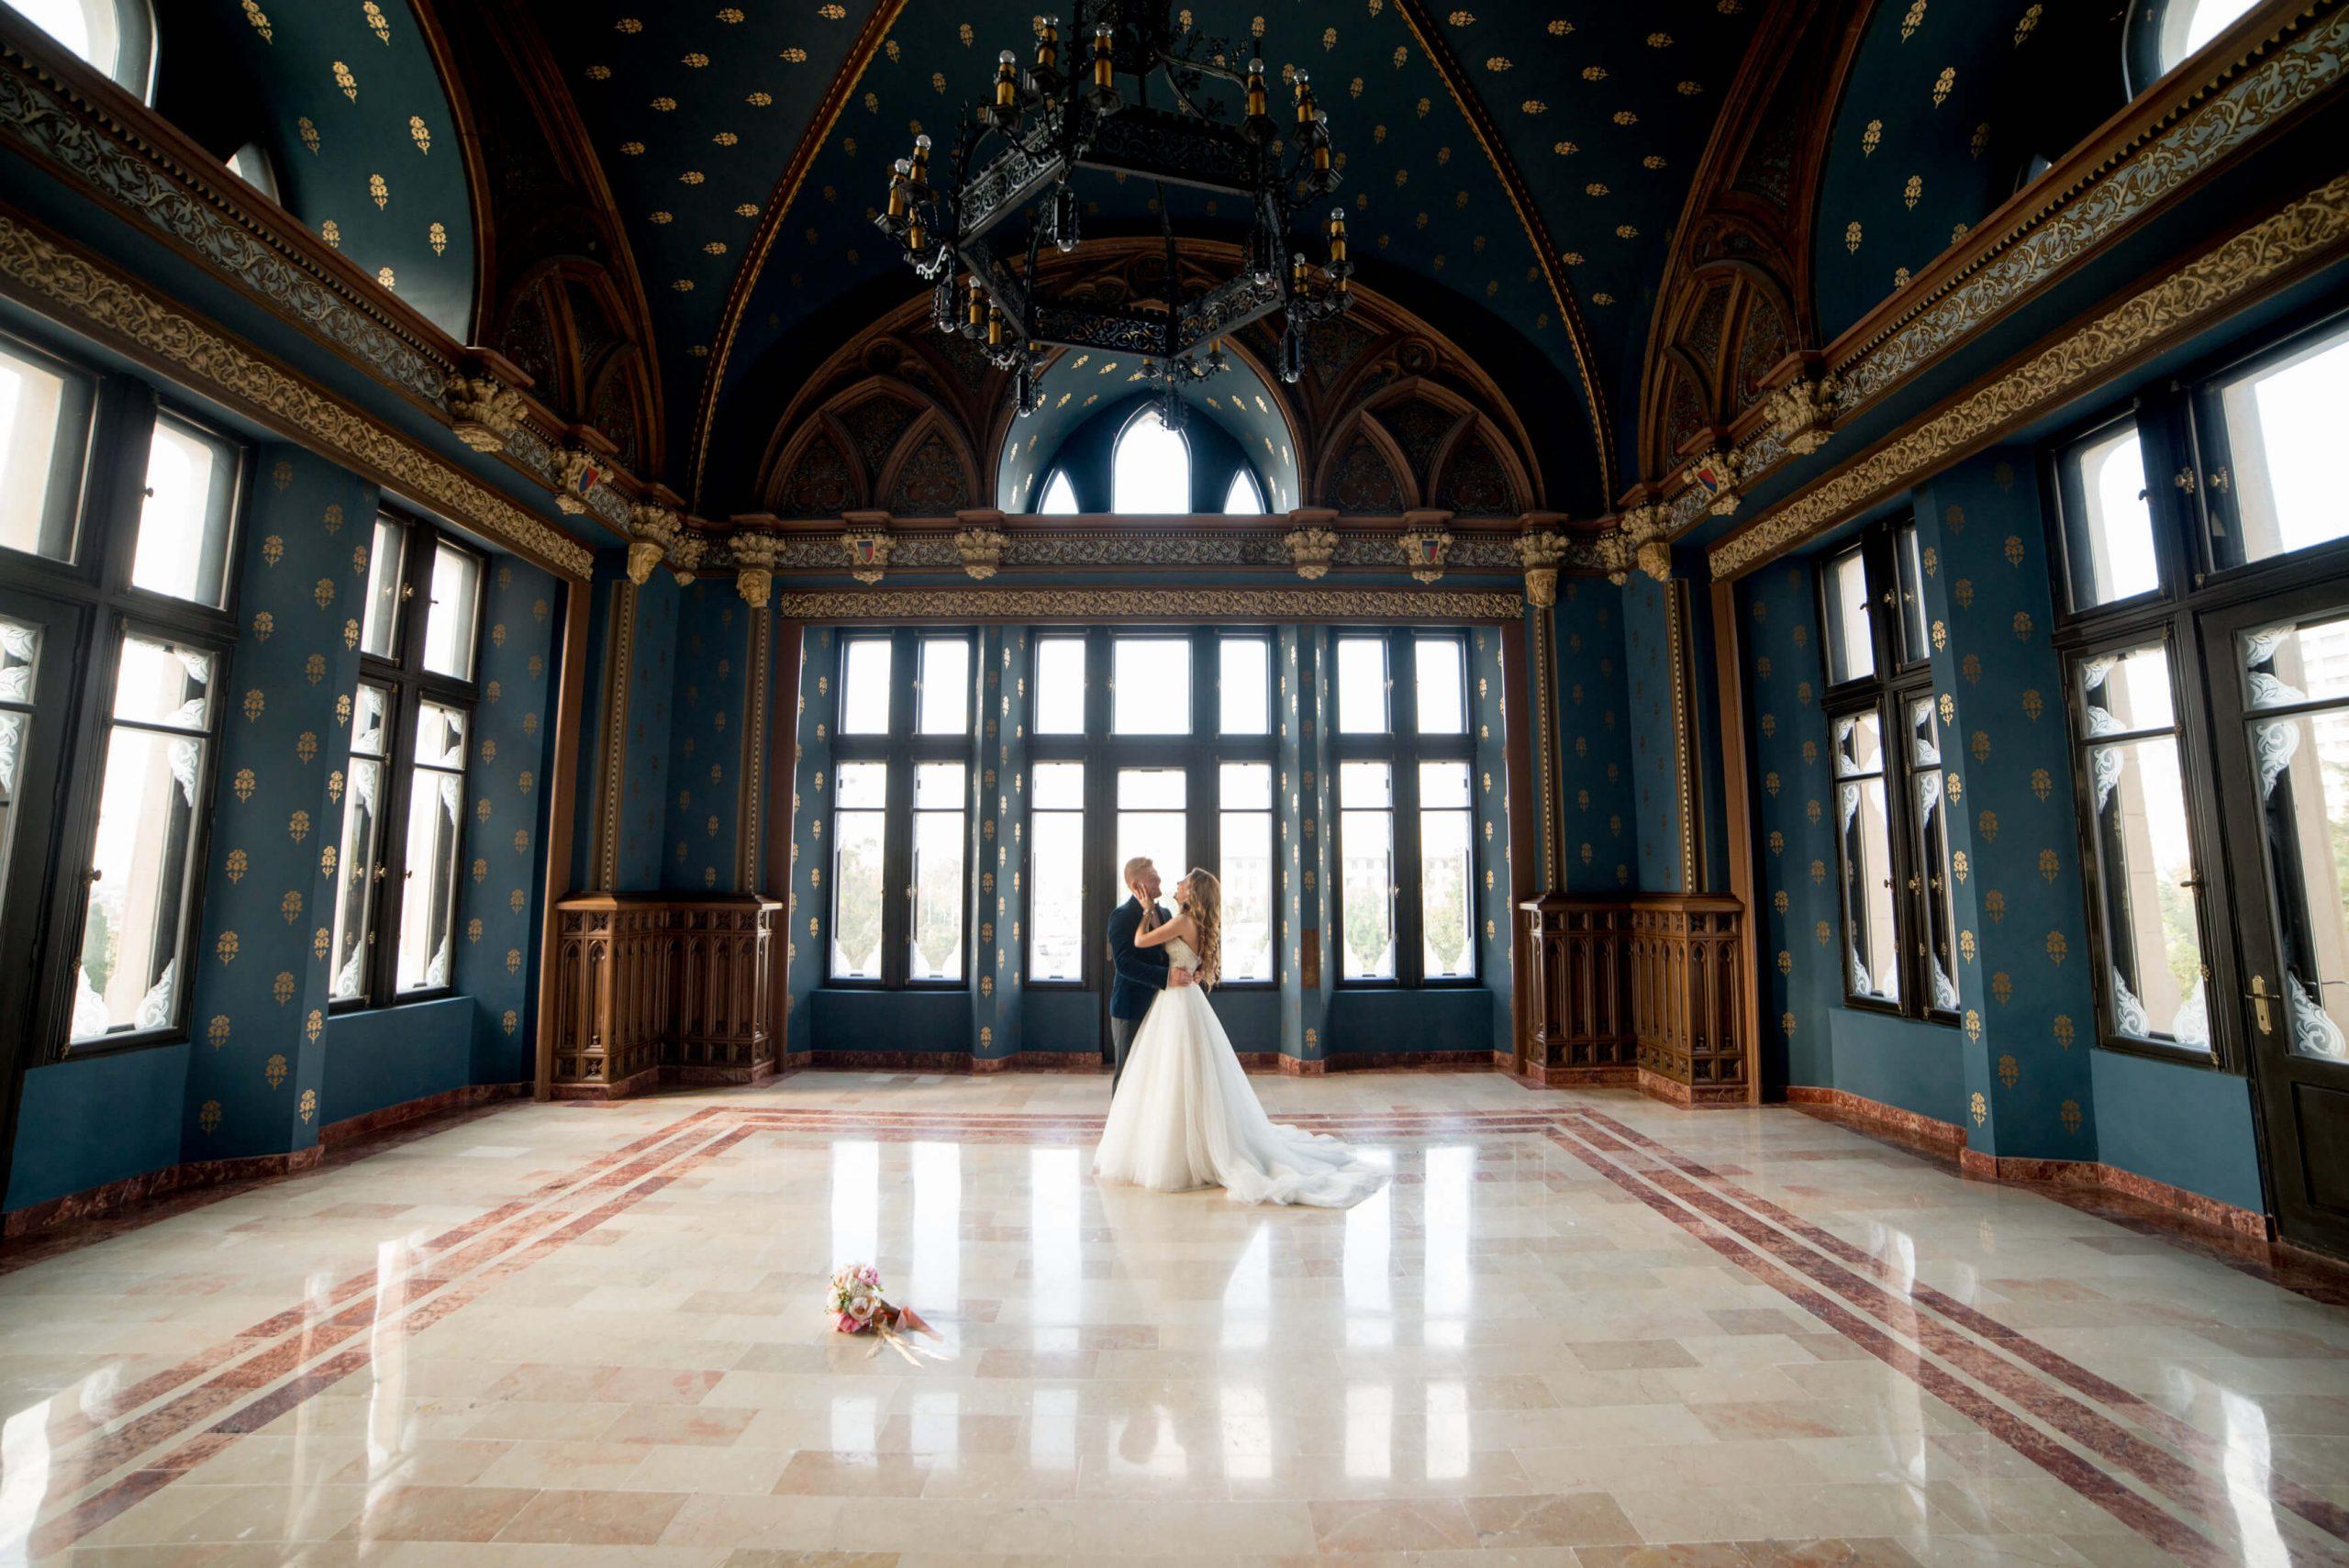 marius agrigoroaie fotograf de nunta botosani suceava 27